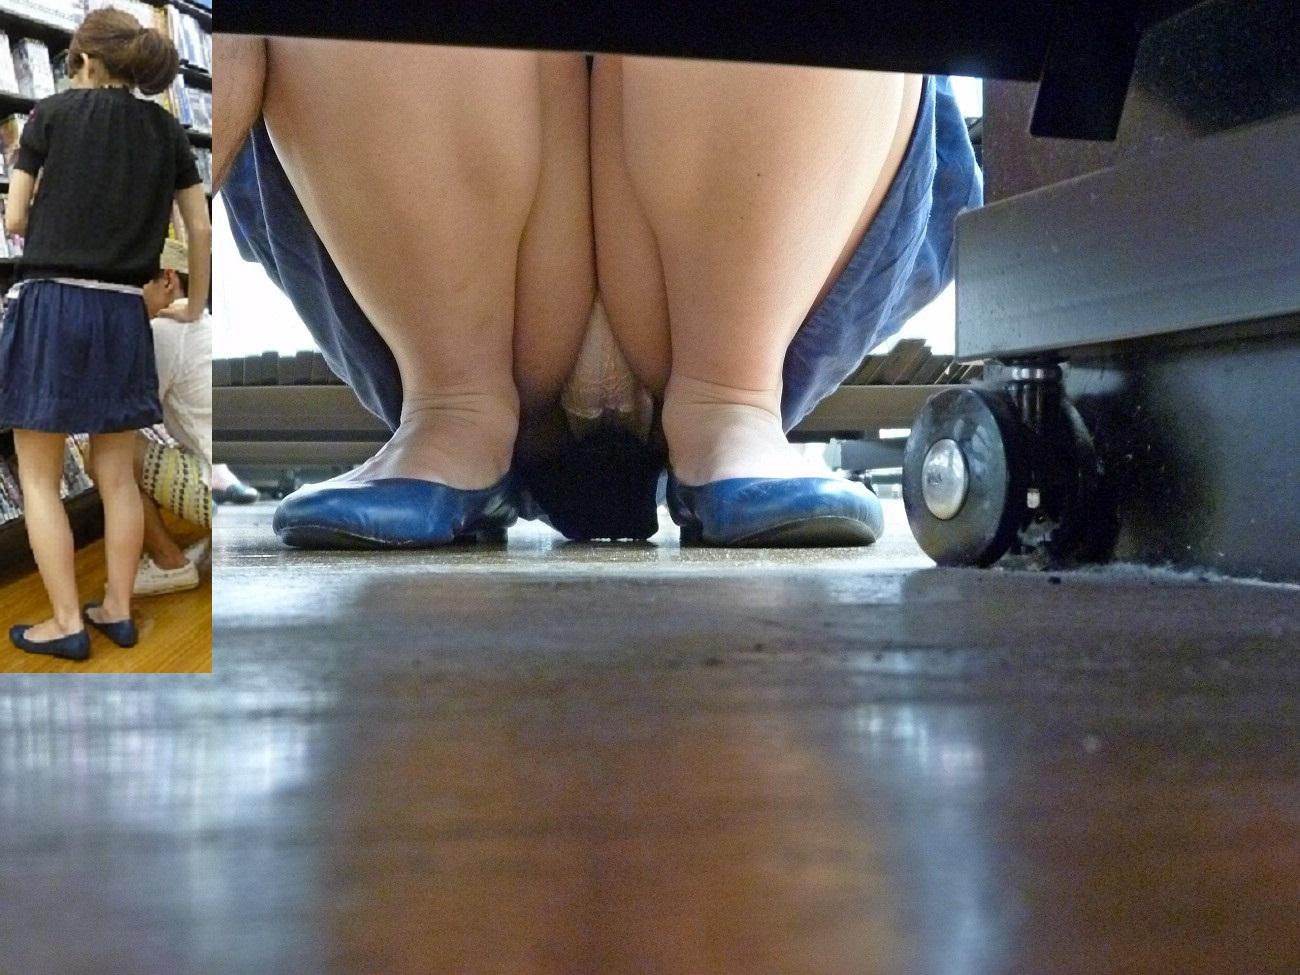 レンタルショップで女性客のパンツ撮影してるパンチラ画像 f2cgnPd